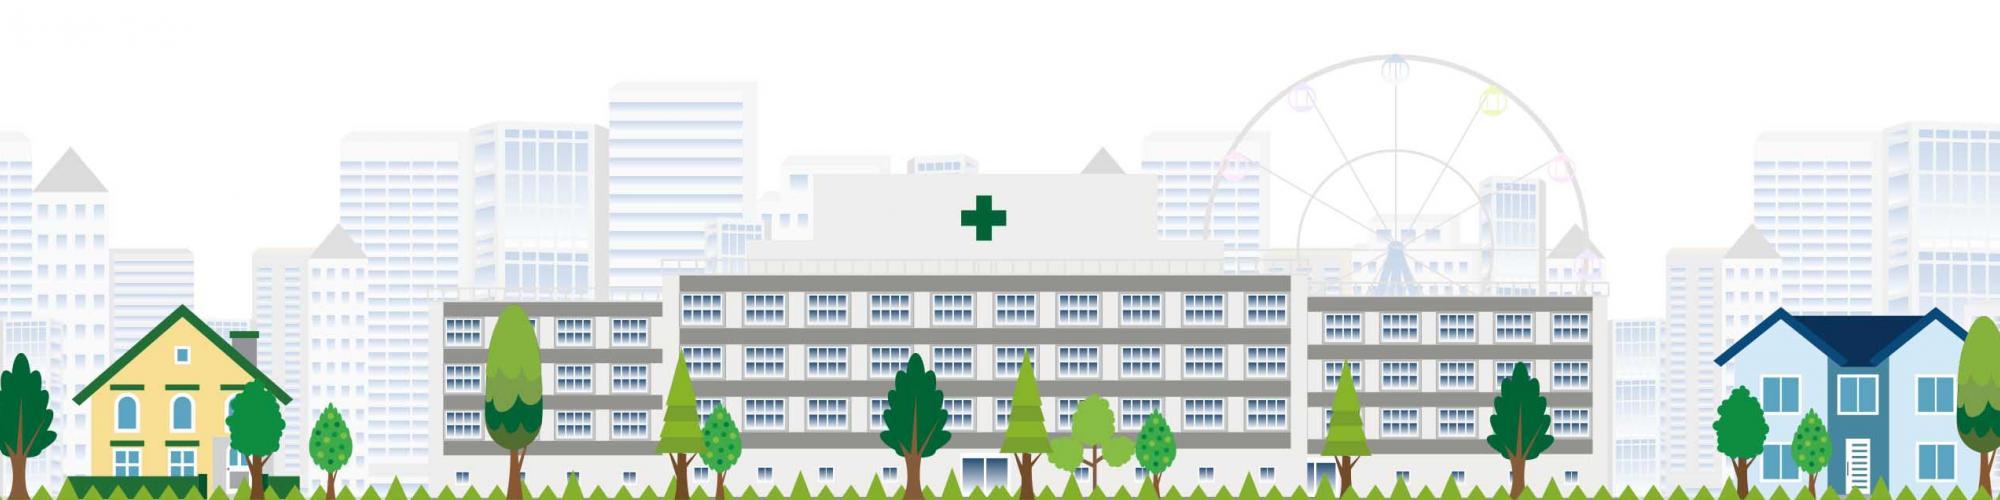 Klinikum Werra-Meissner GmbH